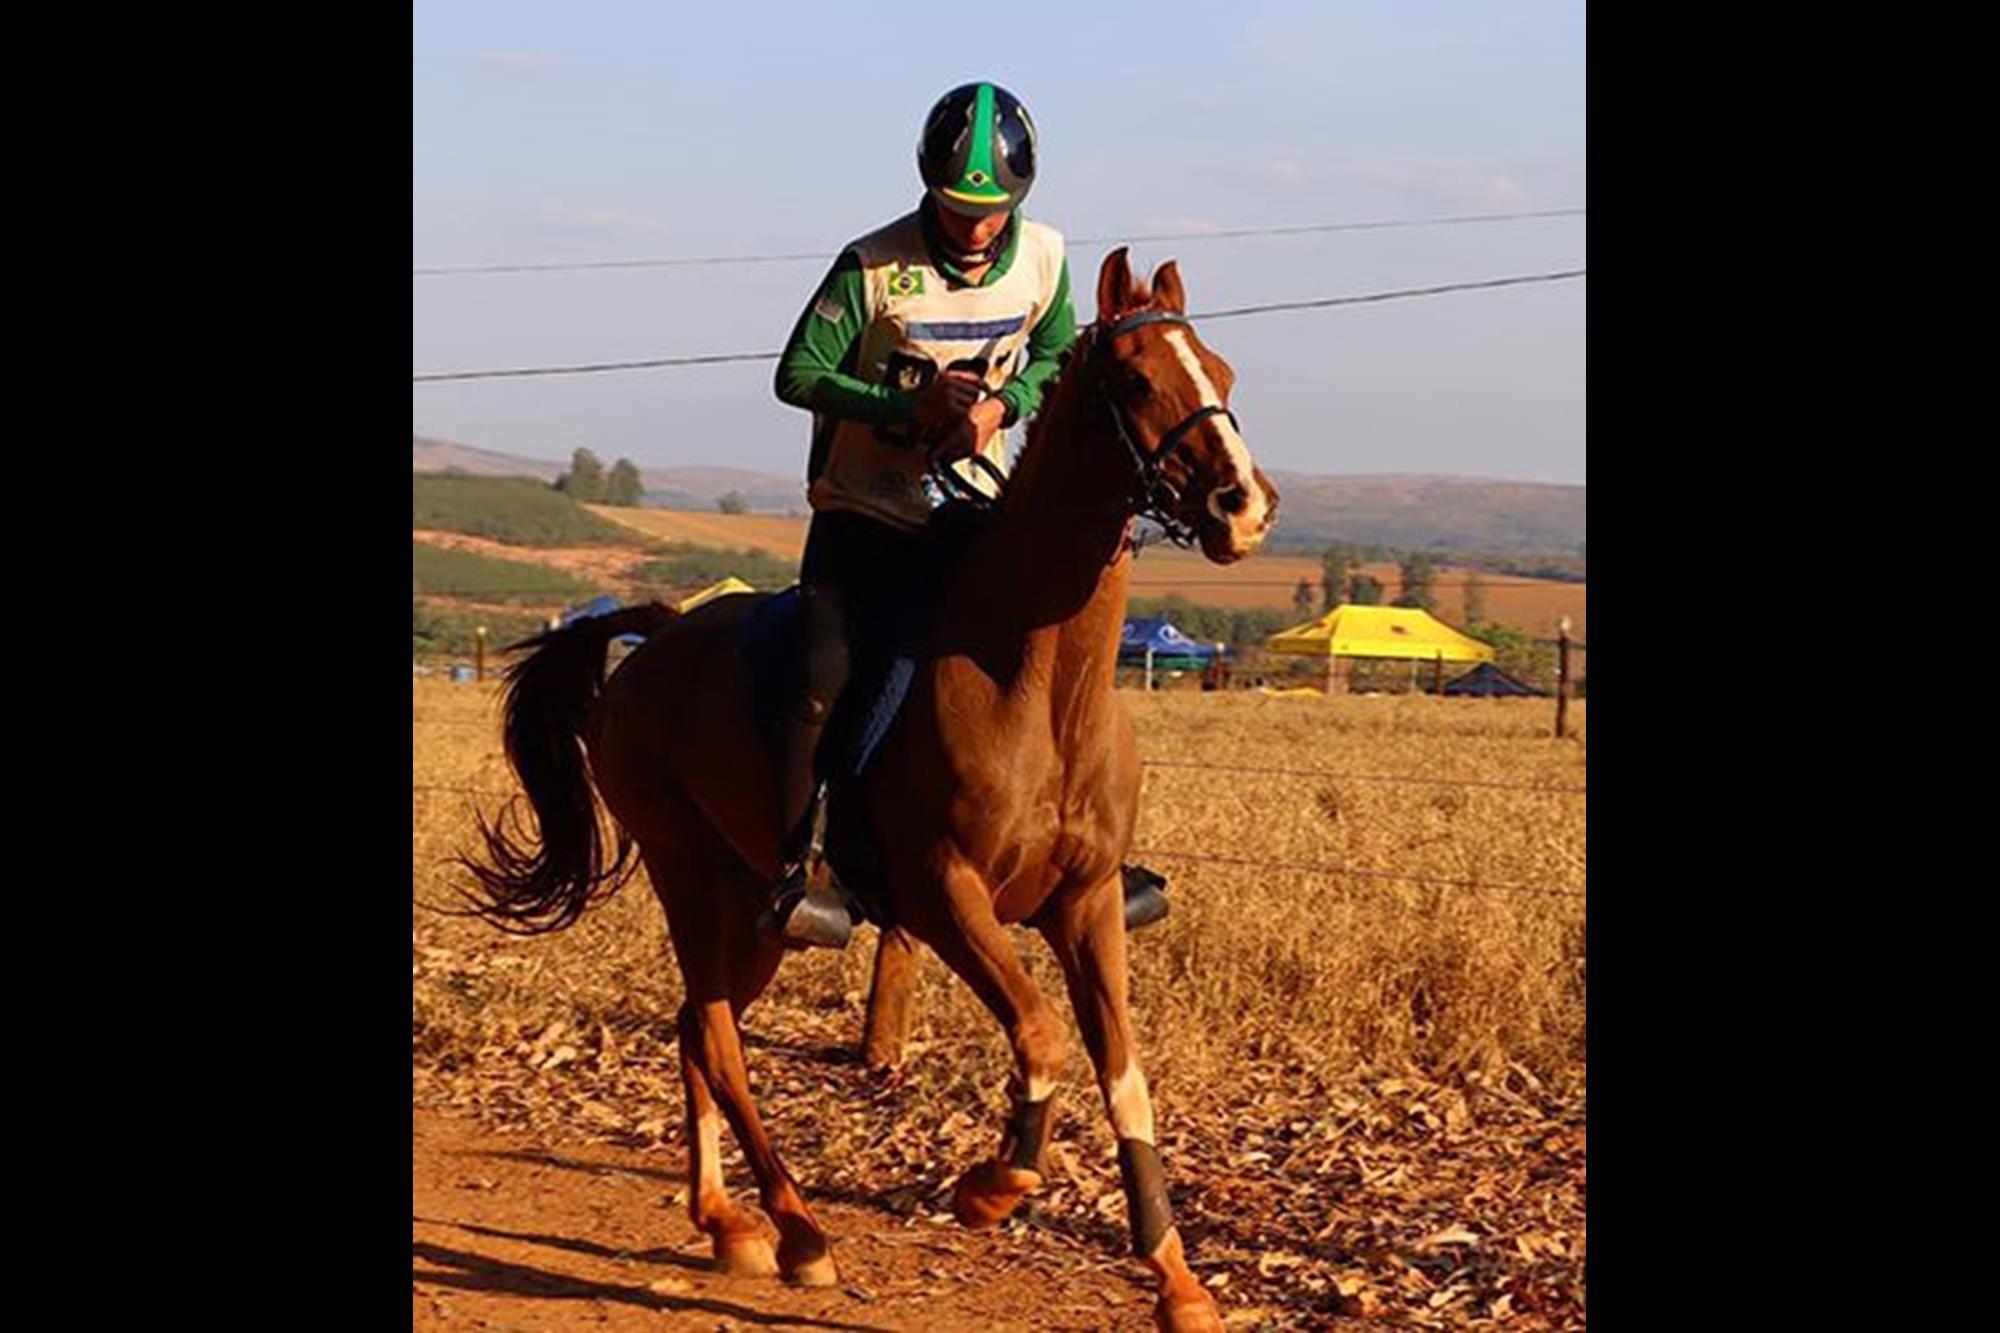 Cabo Frio CSM (*Eksport x Ahuar) é um macho castrado,  PSA nascido em 2005,  propriedade de José Carlos Vaz Guimarães, Enduro,  cavalo Árabe,  campeonato brasileiro,  CBH,  Rodrigo Barreto, Divulgação, Rodrigo Barreto é o campeão brasileiro